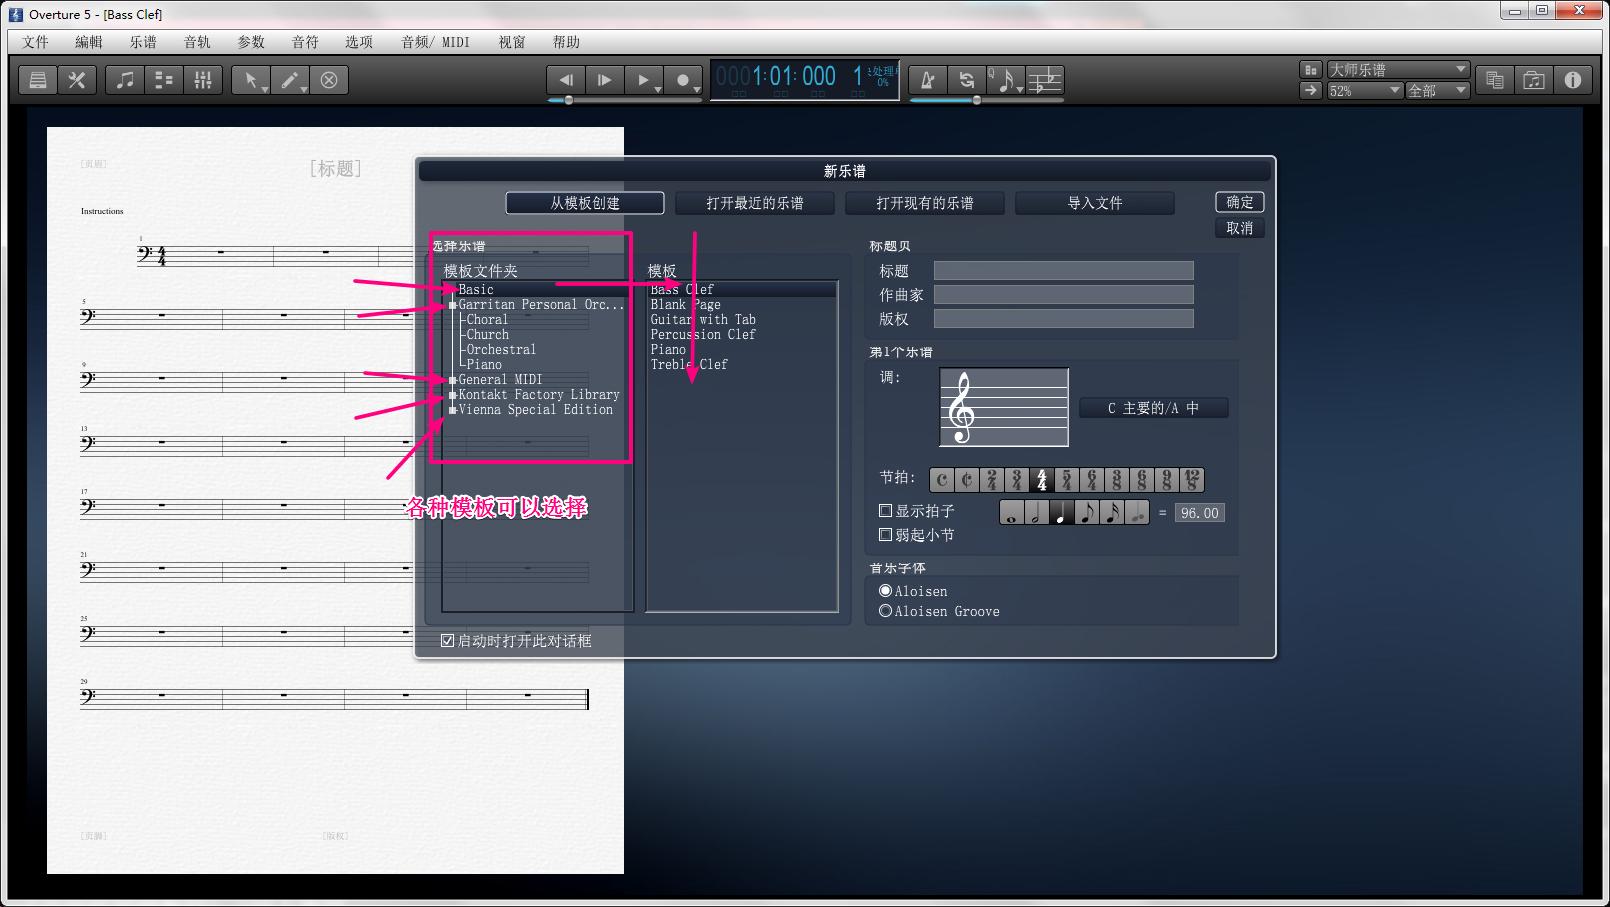 乐谱软件Overture主界面